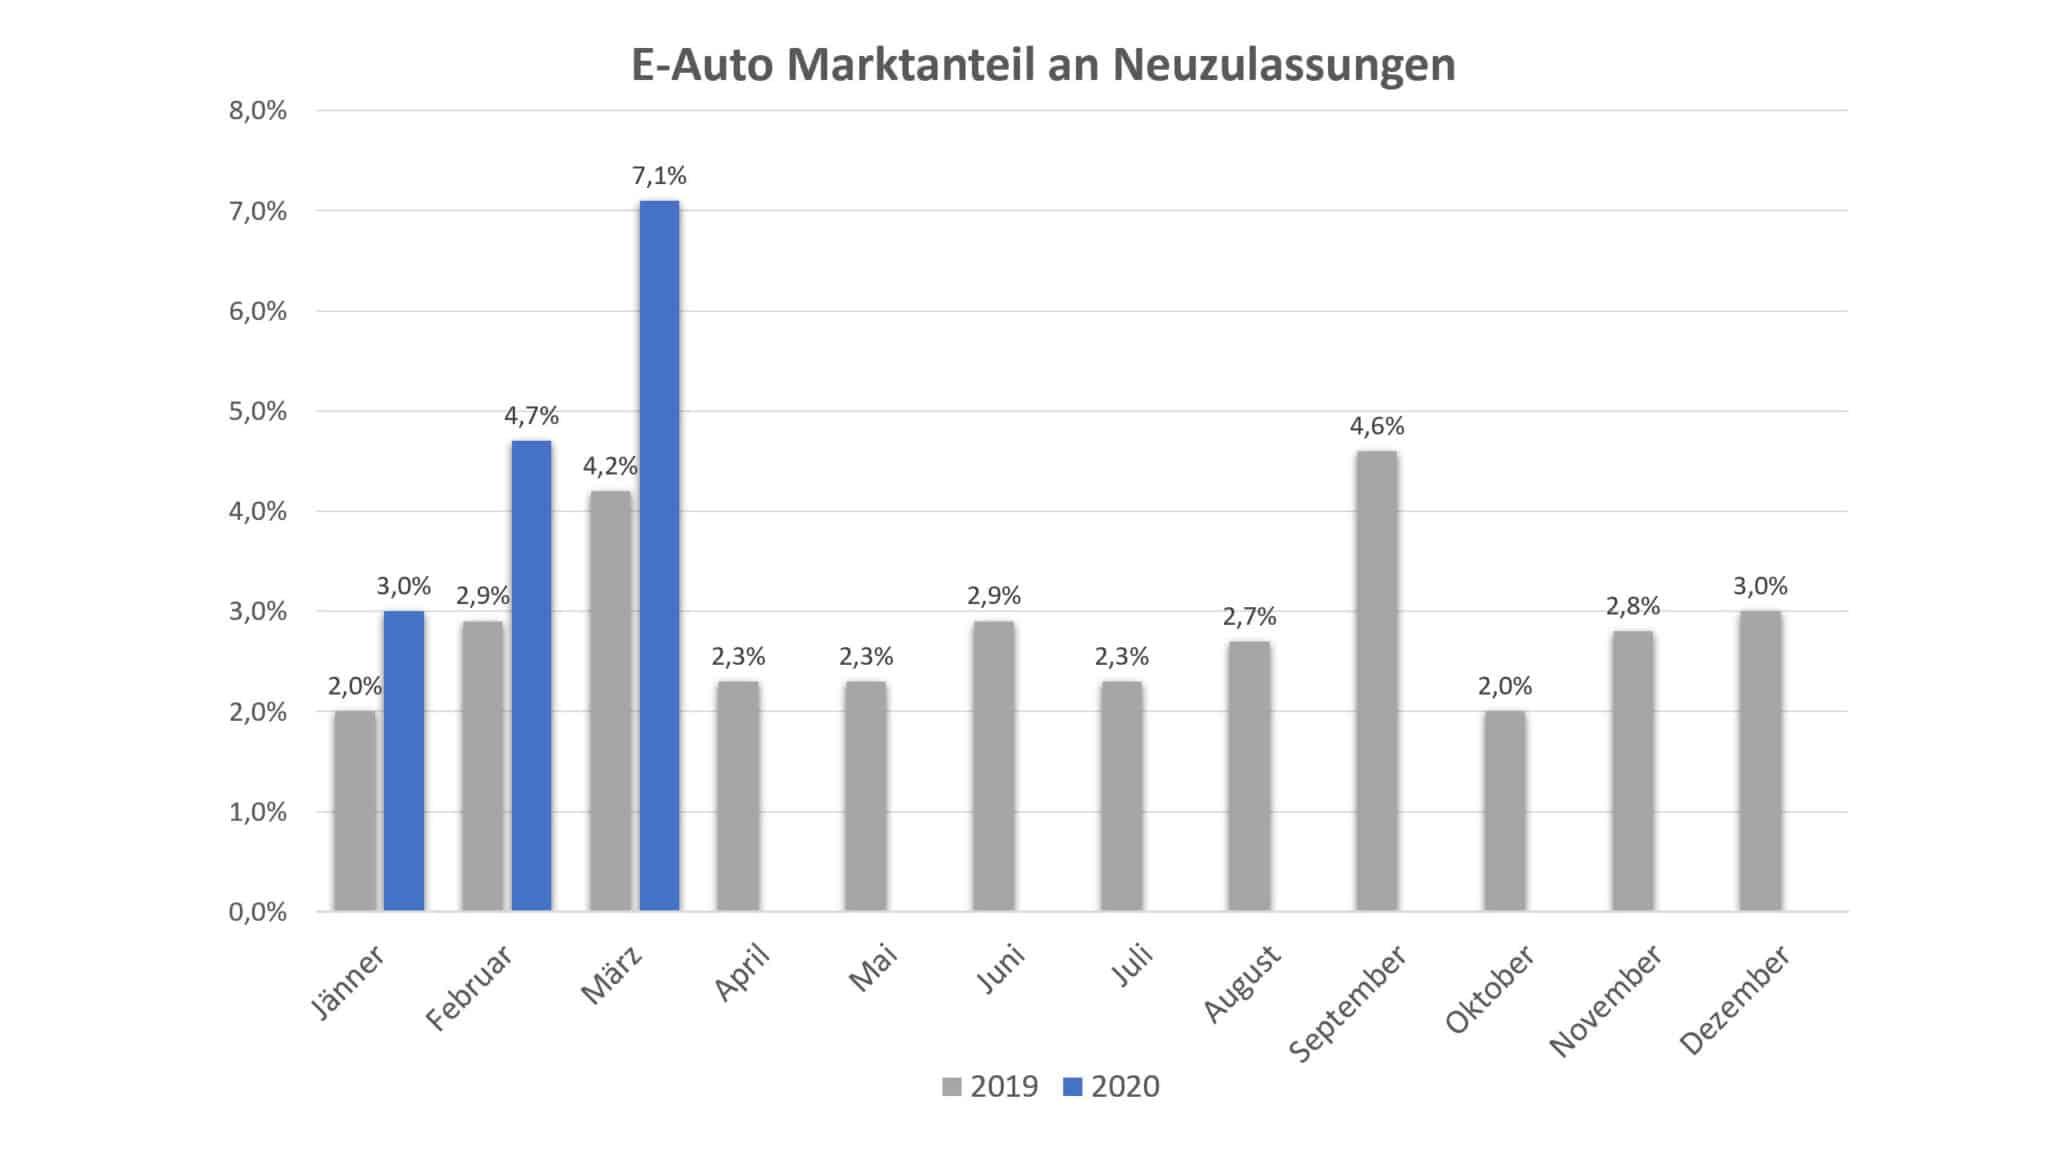 PKW Neuzulassungsstatistik im 1. Quartal 2020 | BEV Marktanteil 1Q2020 scaled